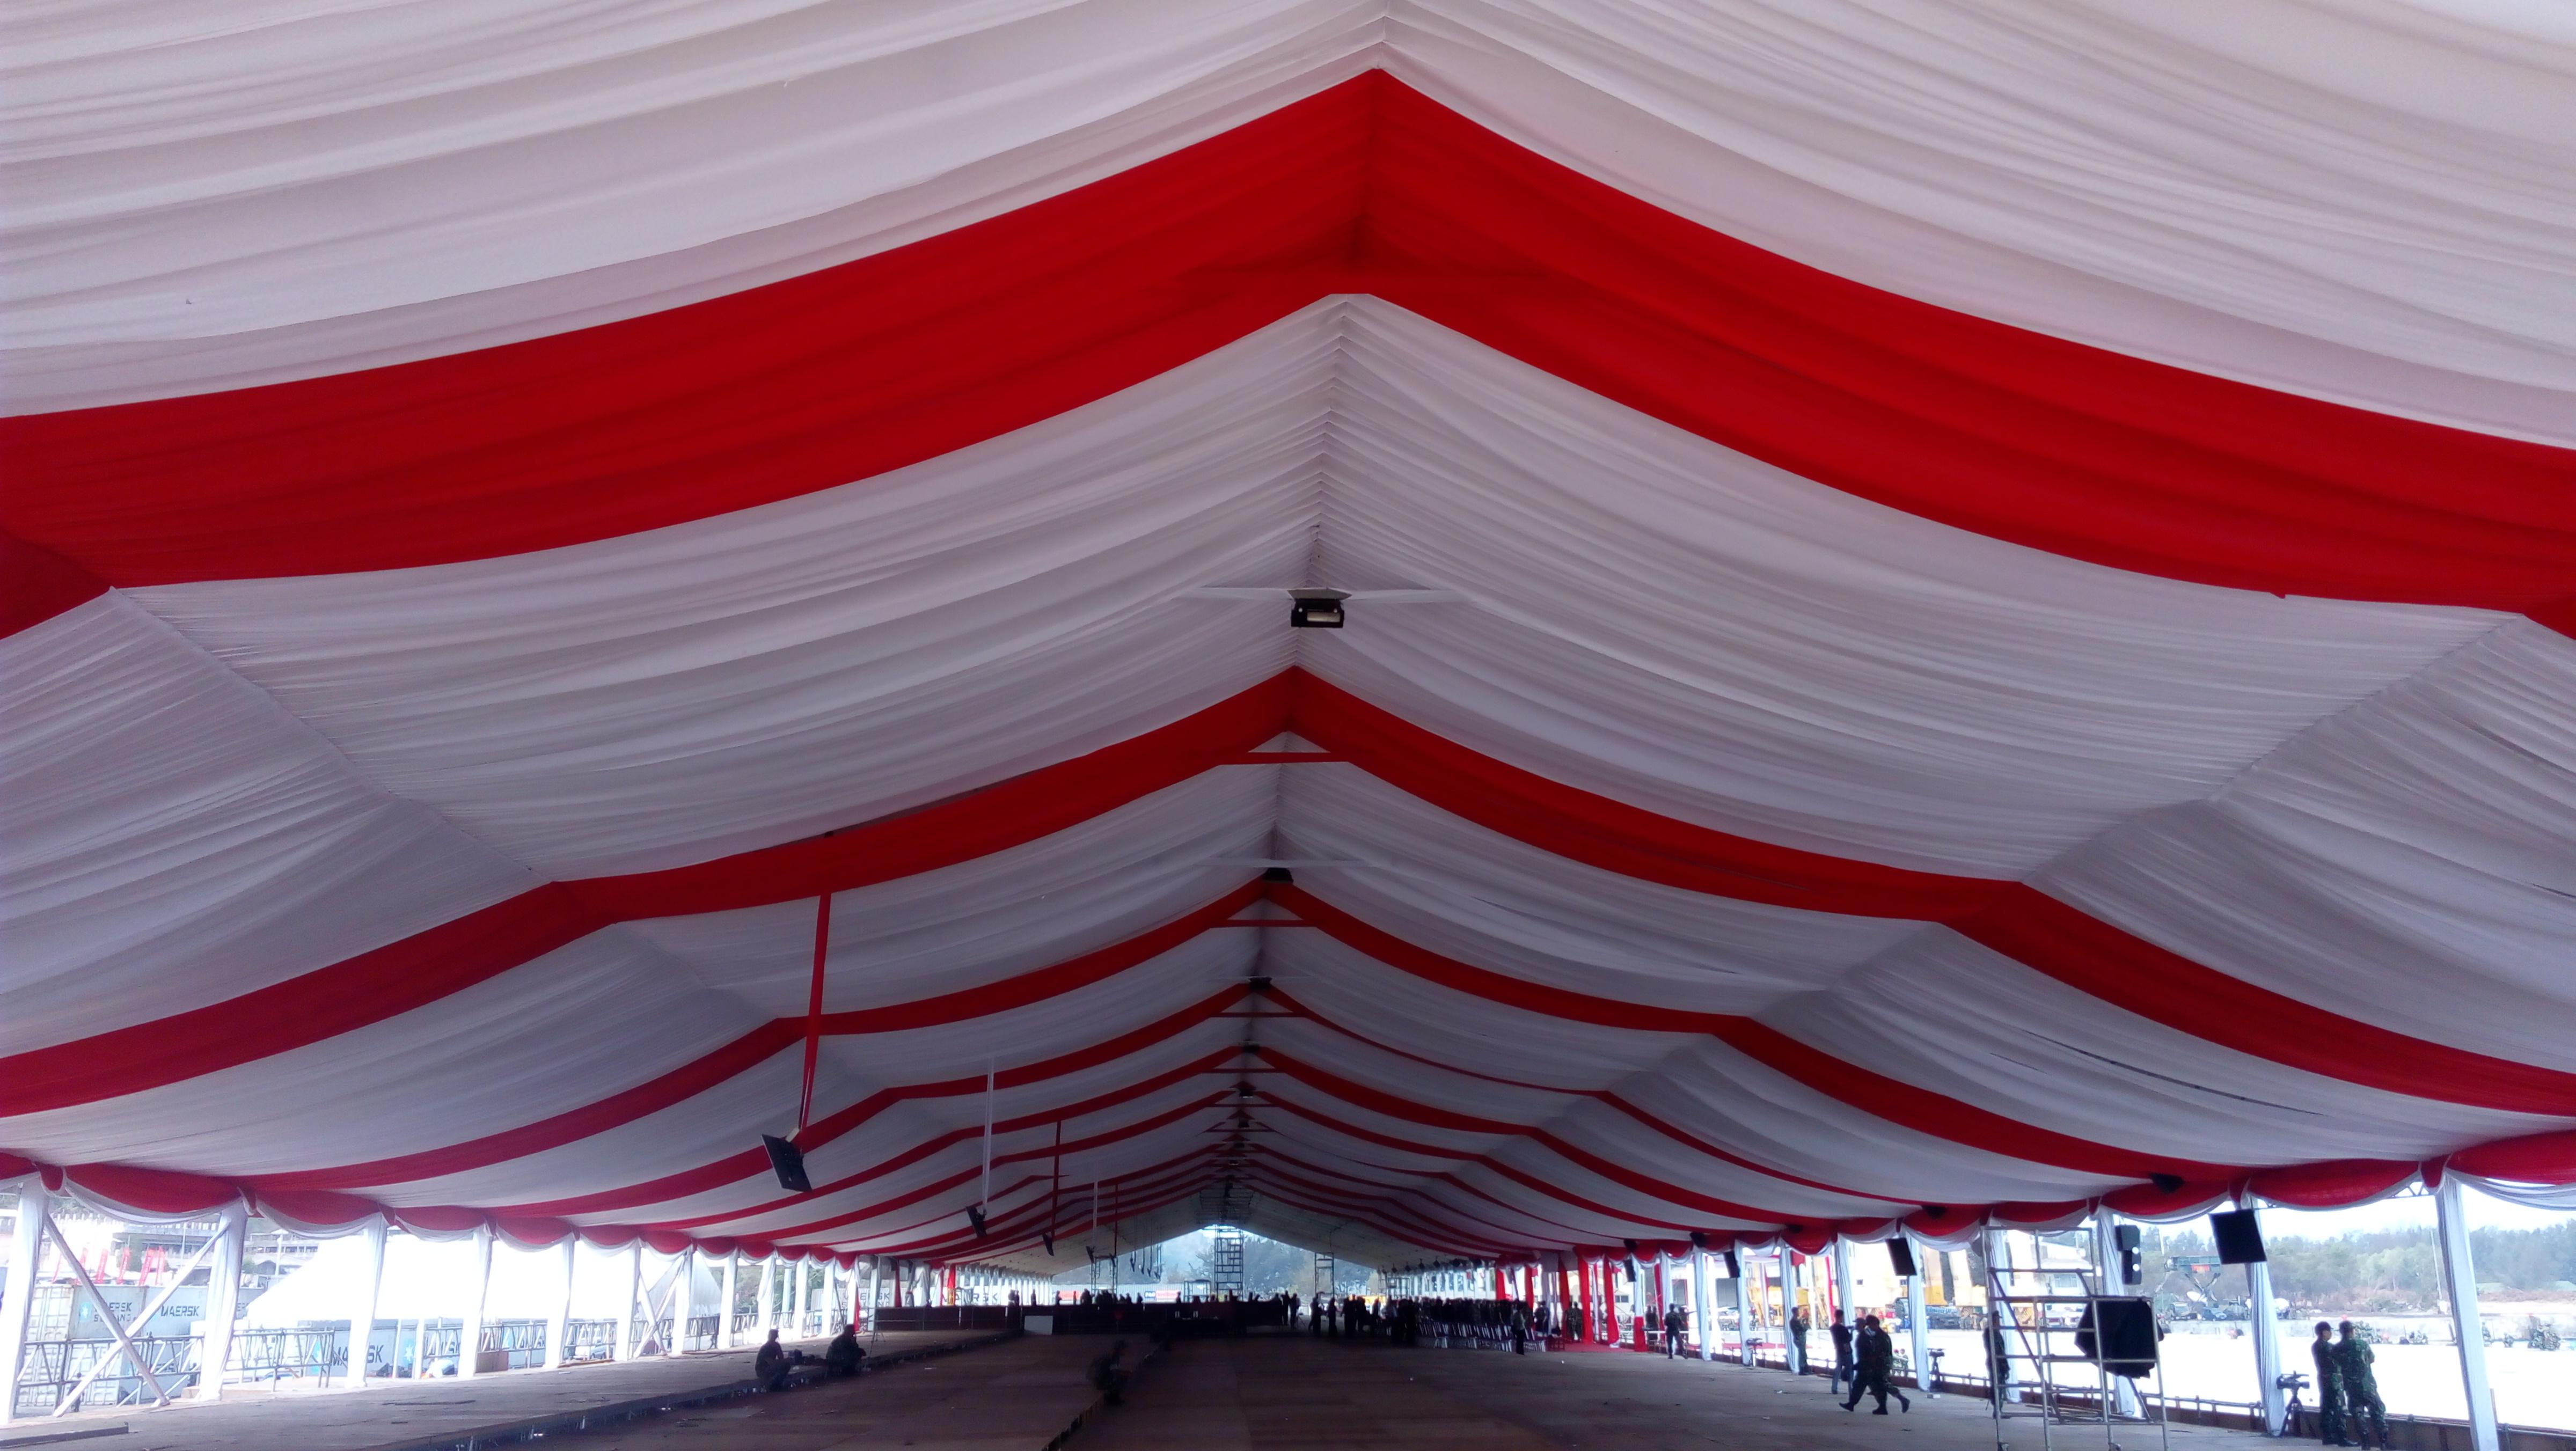 tenda roder dekorasi merah putih